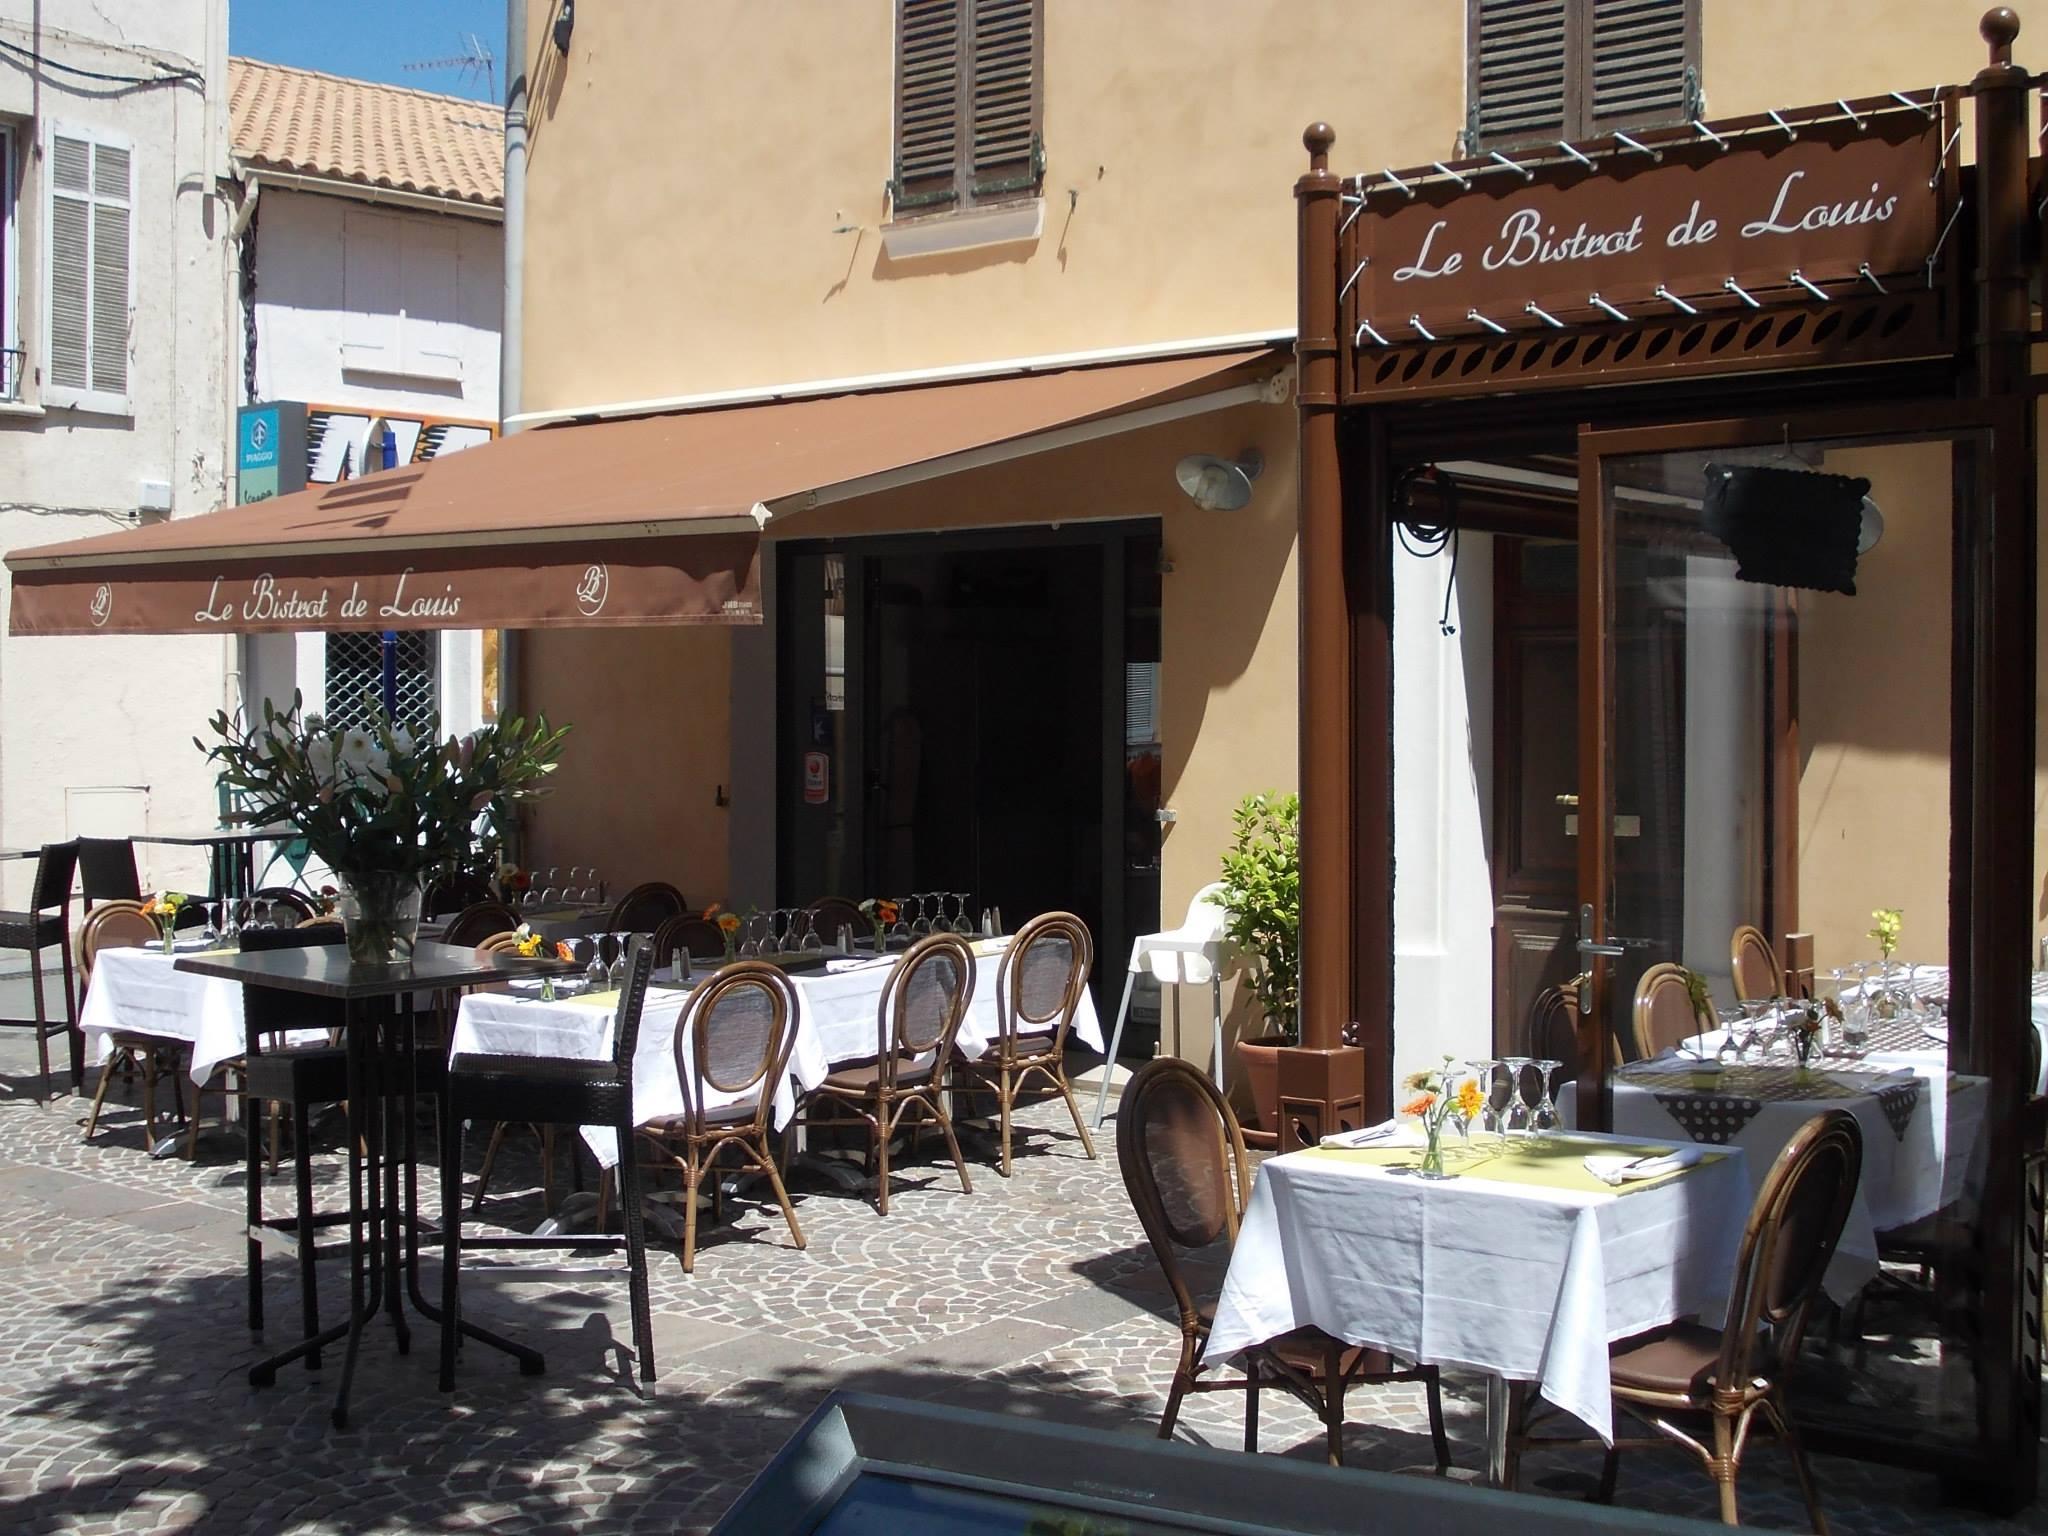 Restaurant hostellerie de la belle aurore sainte maxime - Cafe de france sainte maxime ...